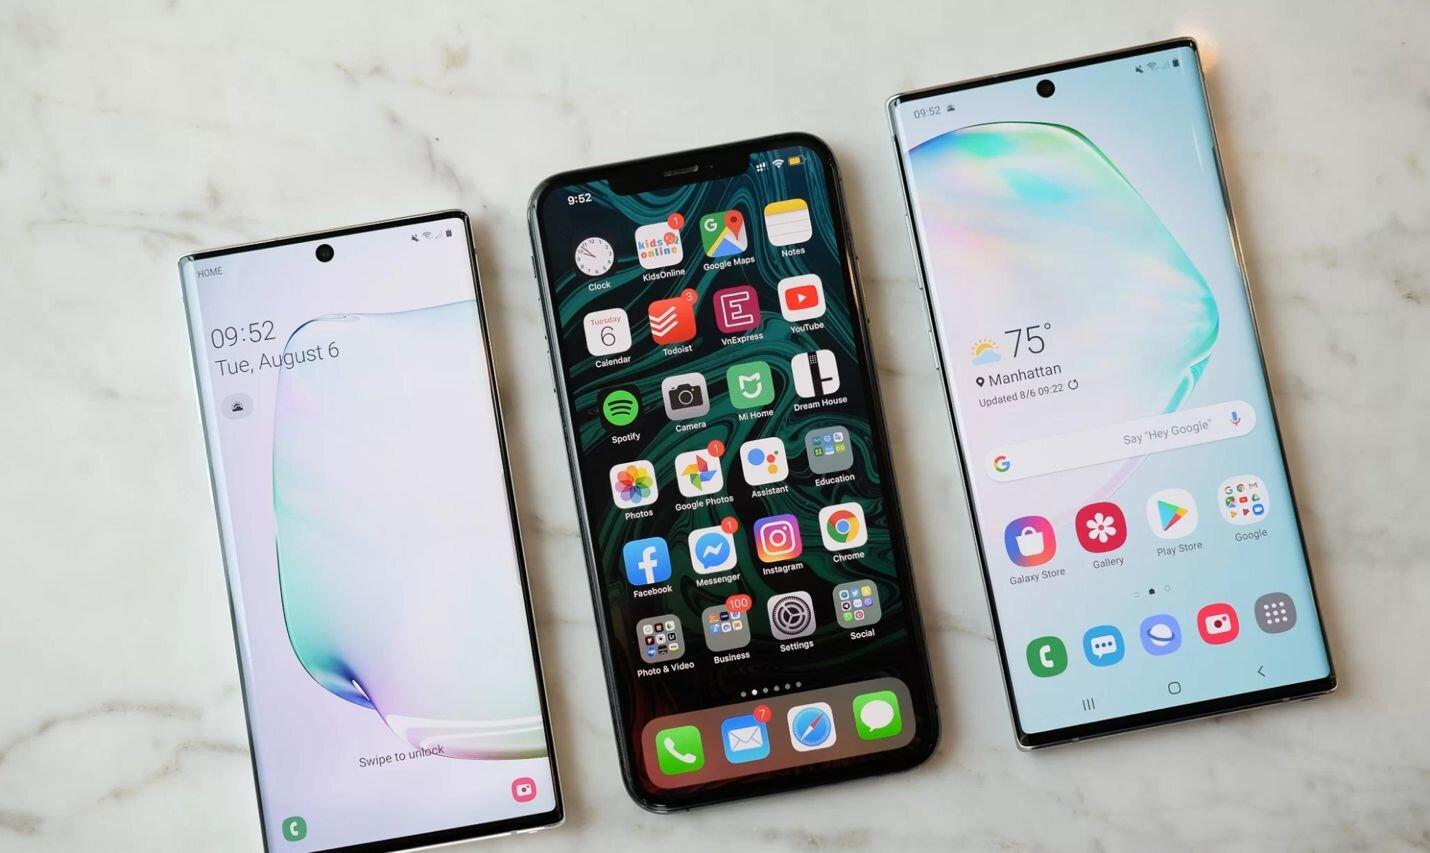 Sức mạnh cấu hình Galaxy Note 10 Plus thường được so sánh với iPhone XS Max